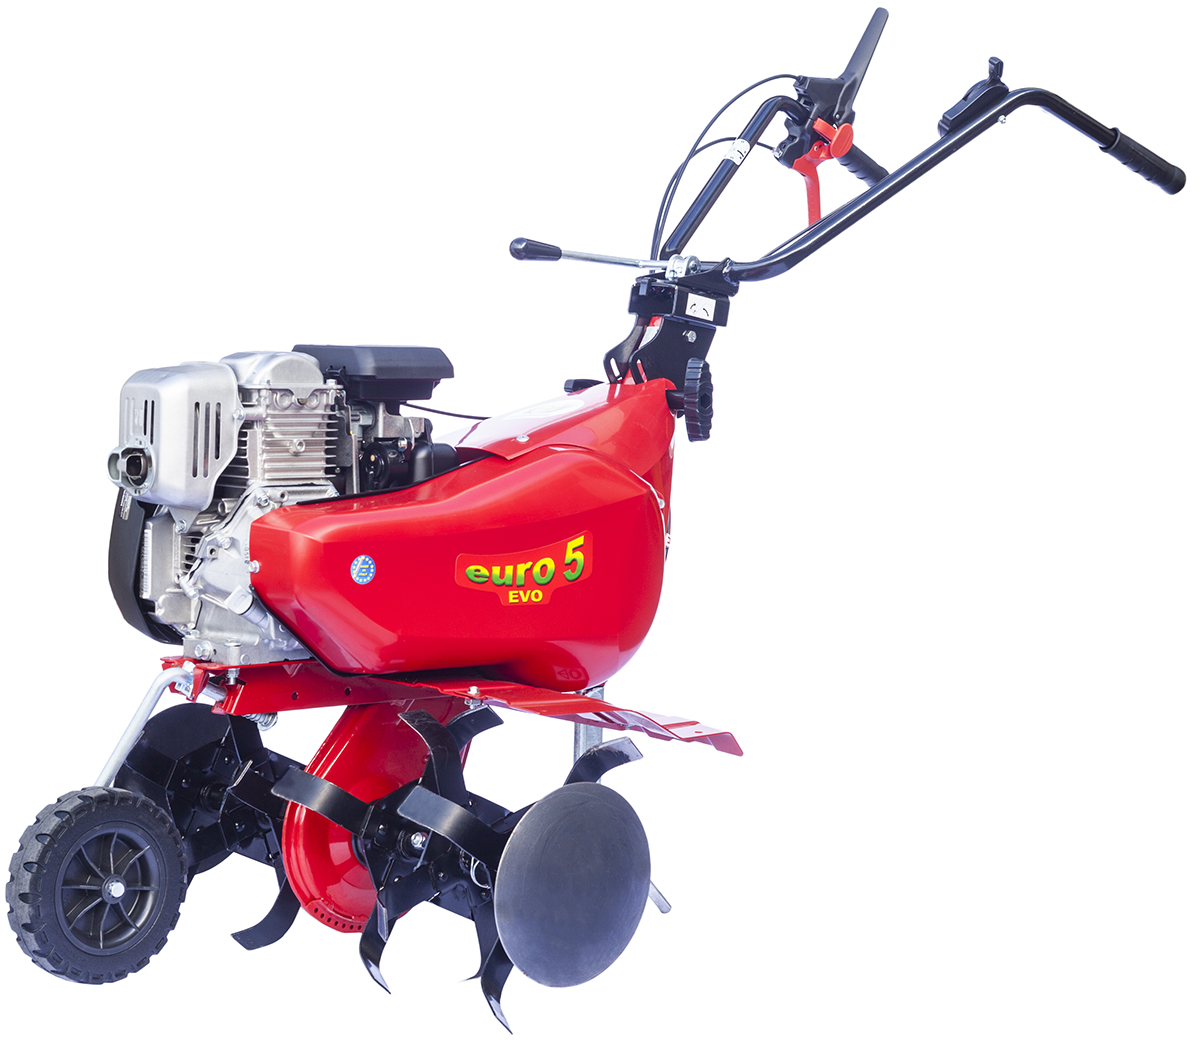 Мотокультиватор Eurosystems Euro-5 EVO RM S/R Honda GX160, цвет: красный joyochfoto красный 5 7ft